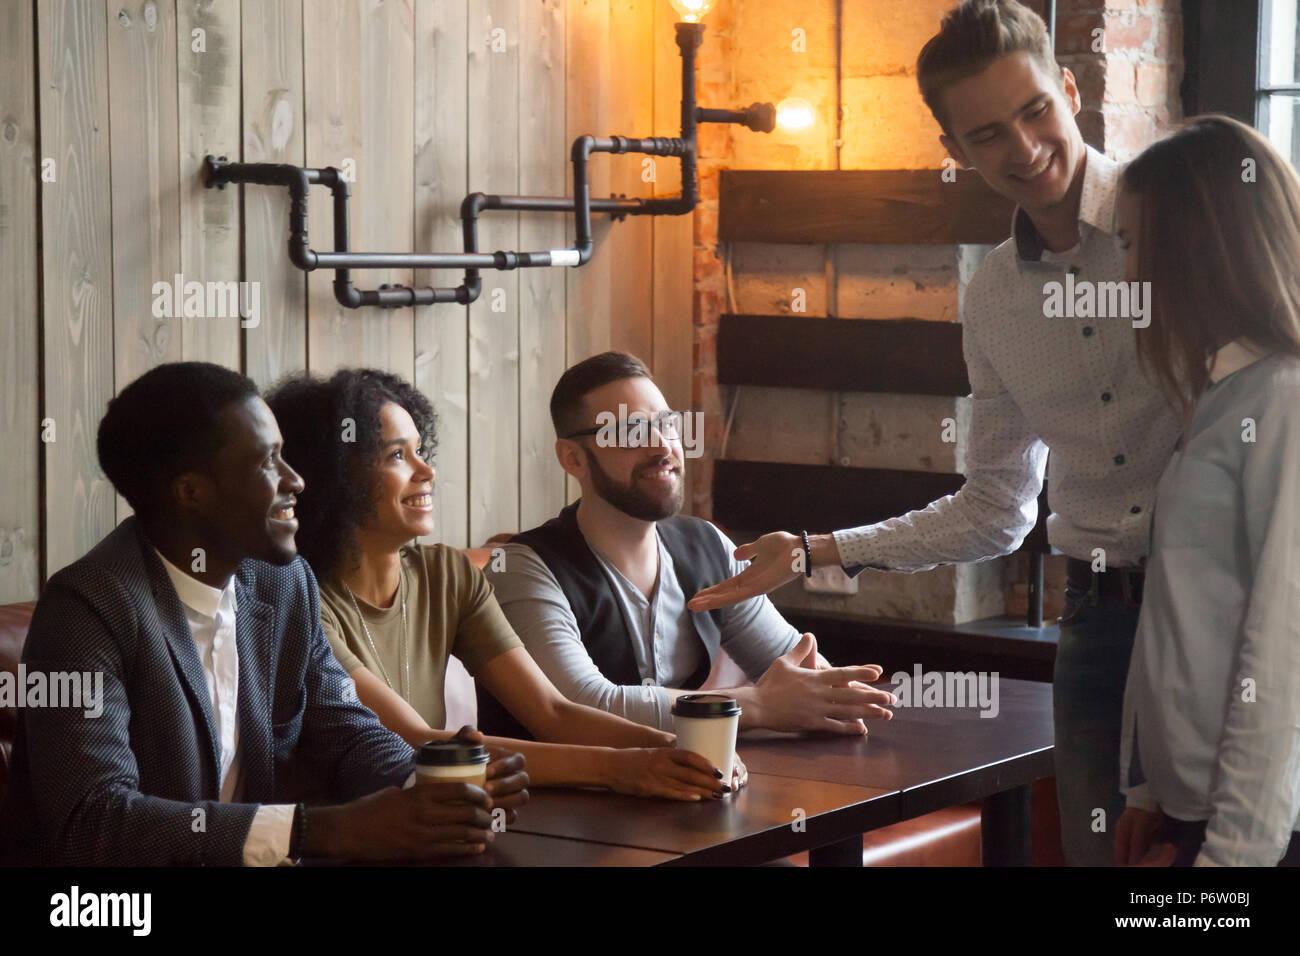 Lavoratore sorridente introducendo un nuovo dipendente per i colleghi durante il caf Immagini Stock